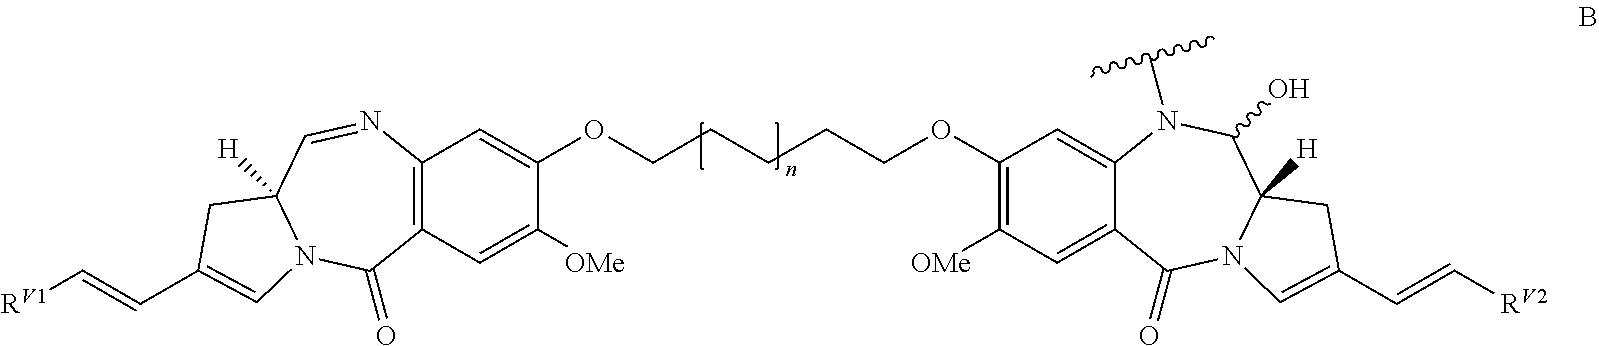 Figure US10059768-20180828-C00043